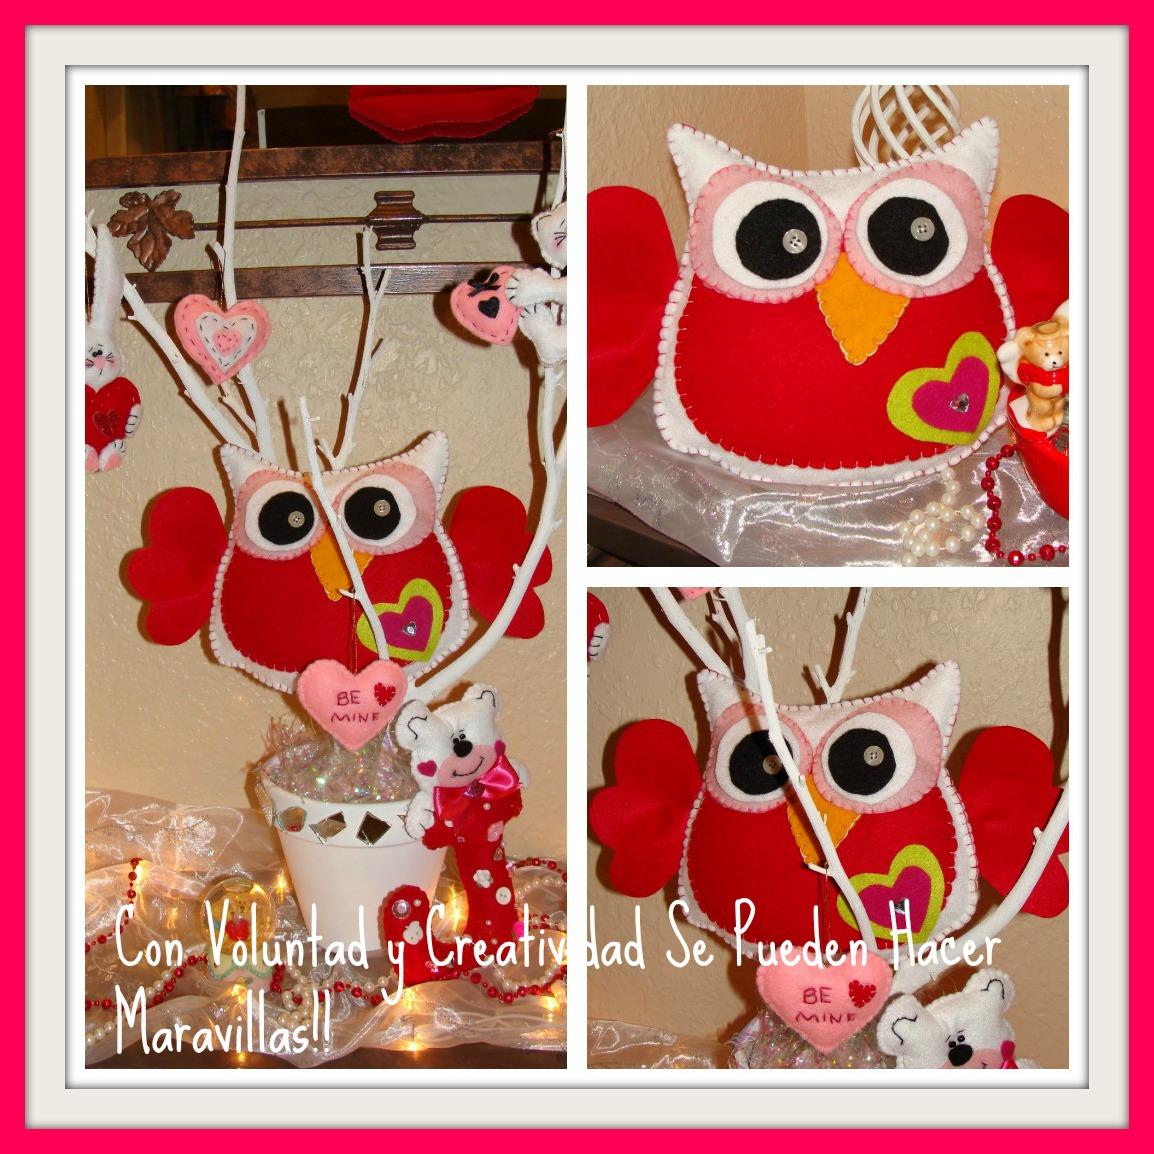 Imagenes De Regalos Para El 14 De Febrero Para Hombres - 33 Manualidades románticas para regalar en San Valentín